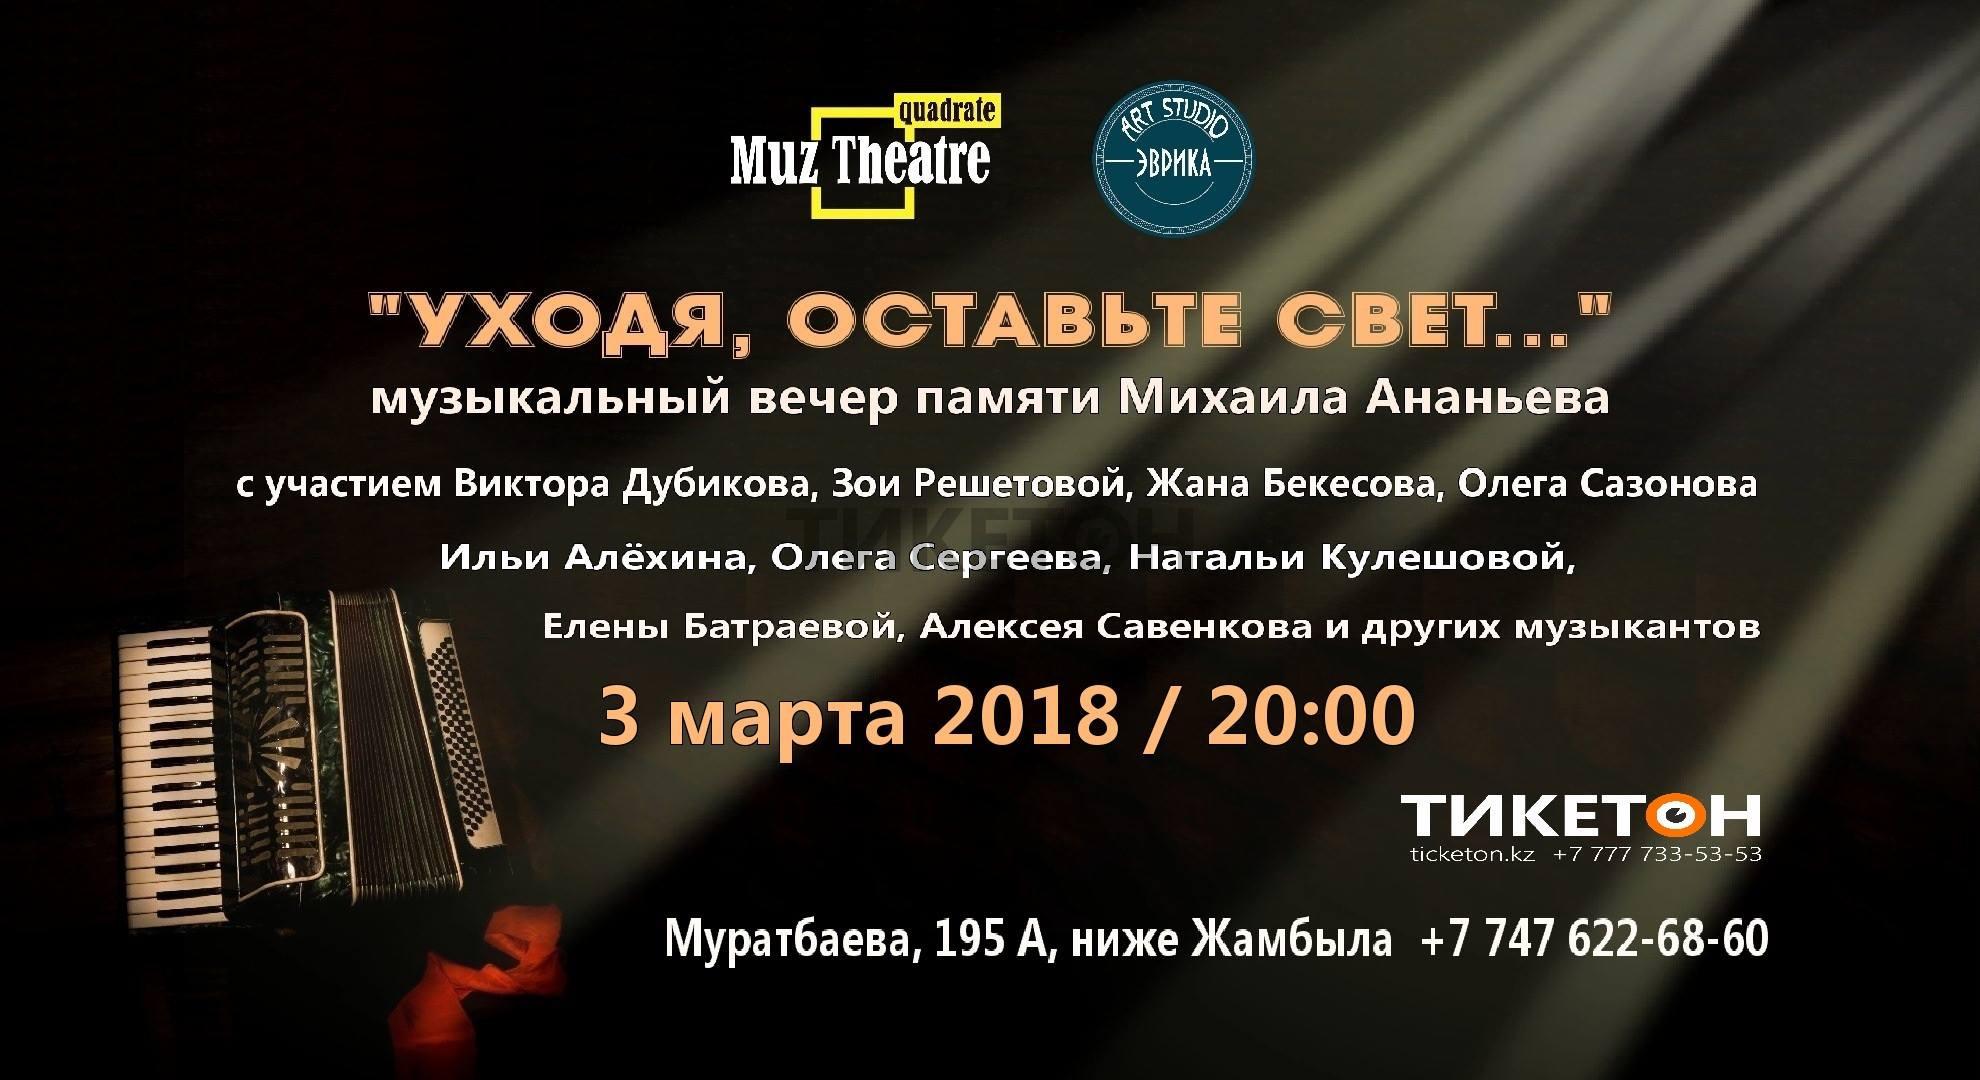 Музыкальный вечер памяти Михаила Ананьева